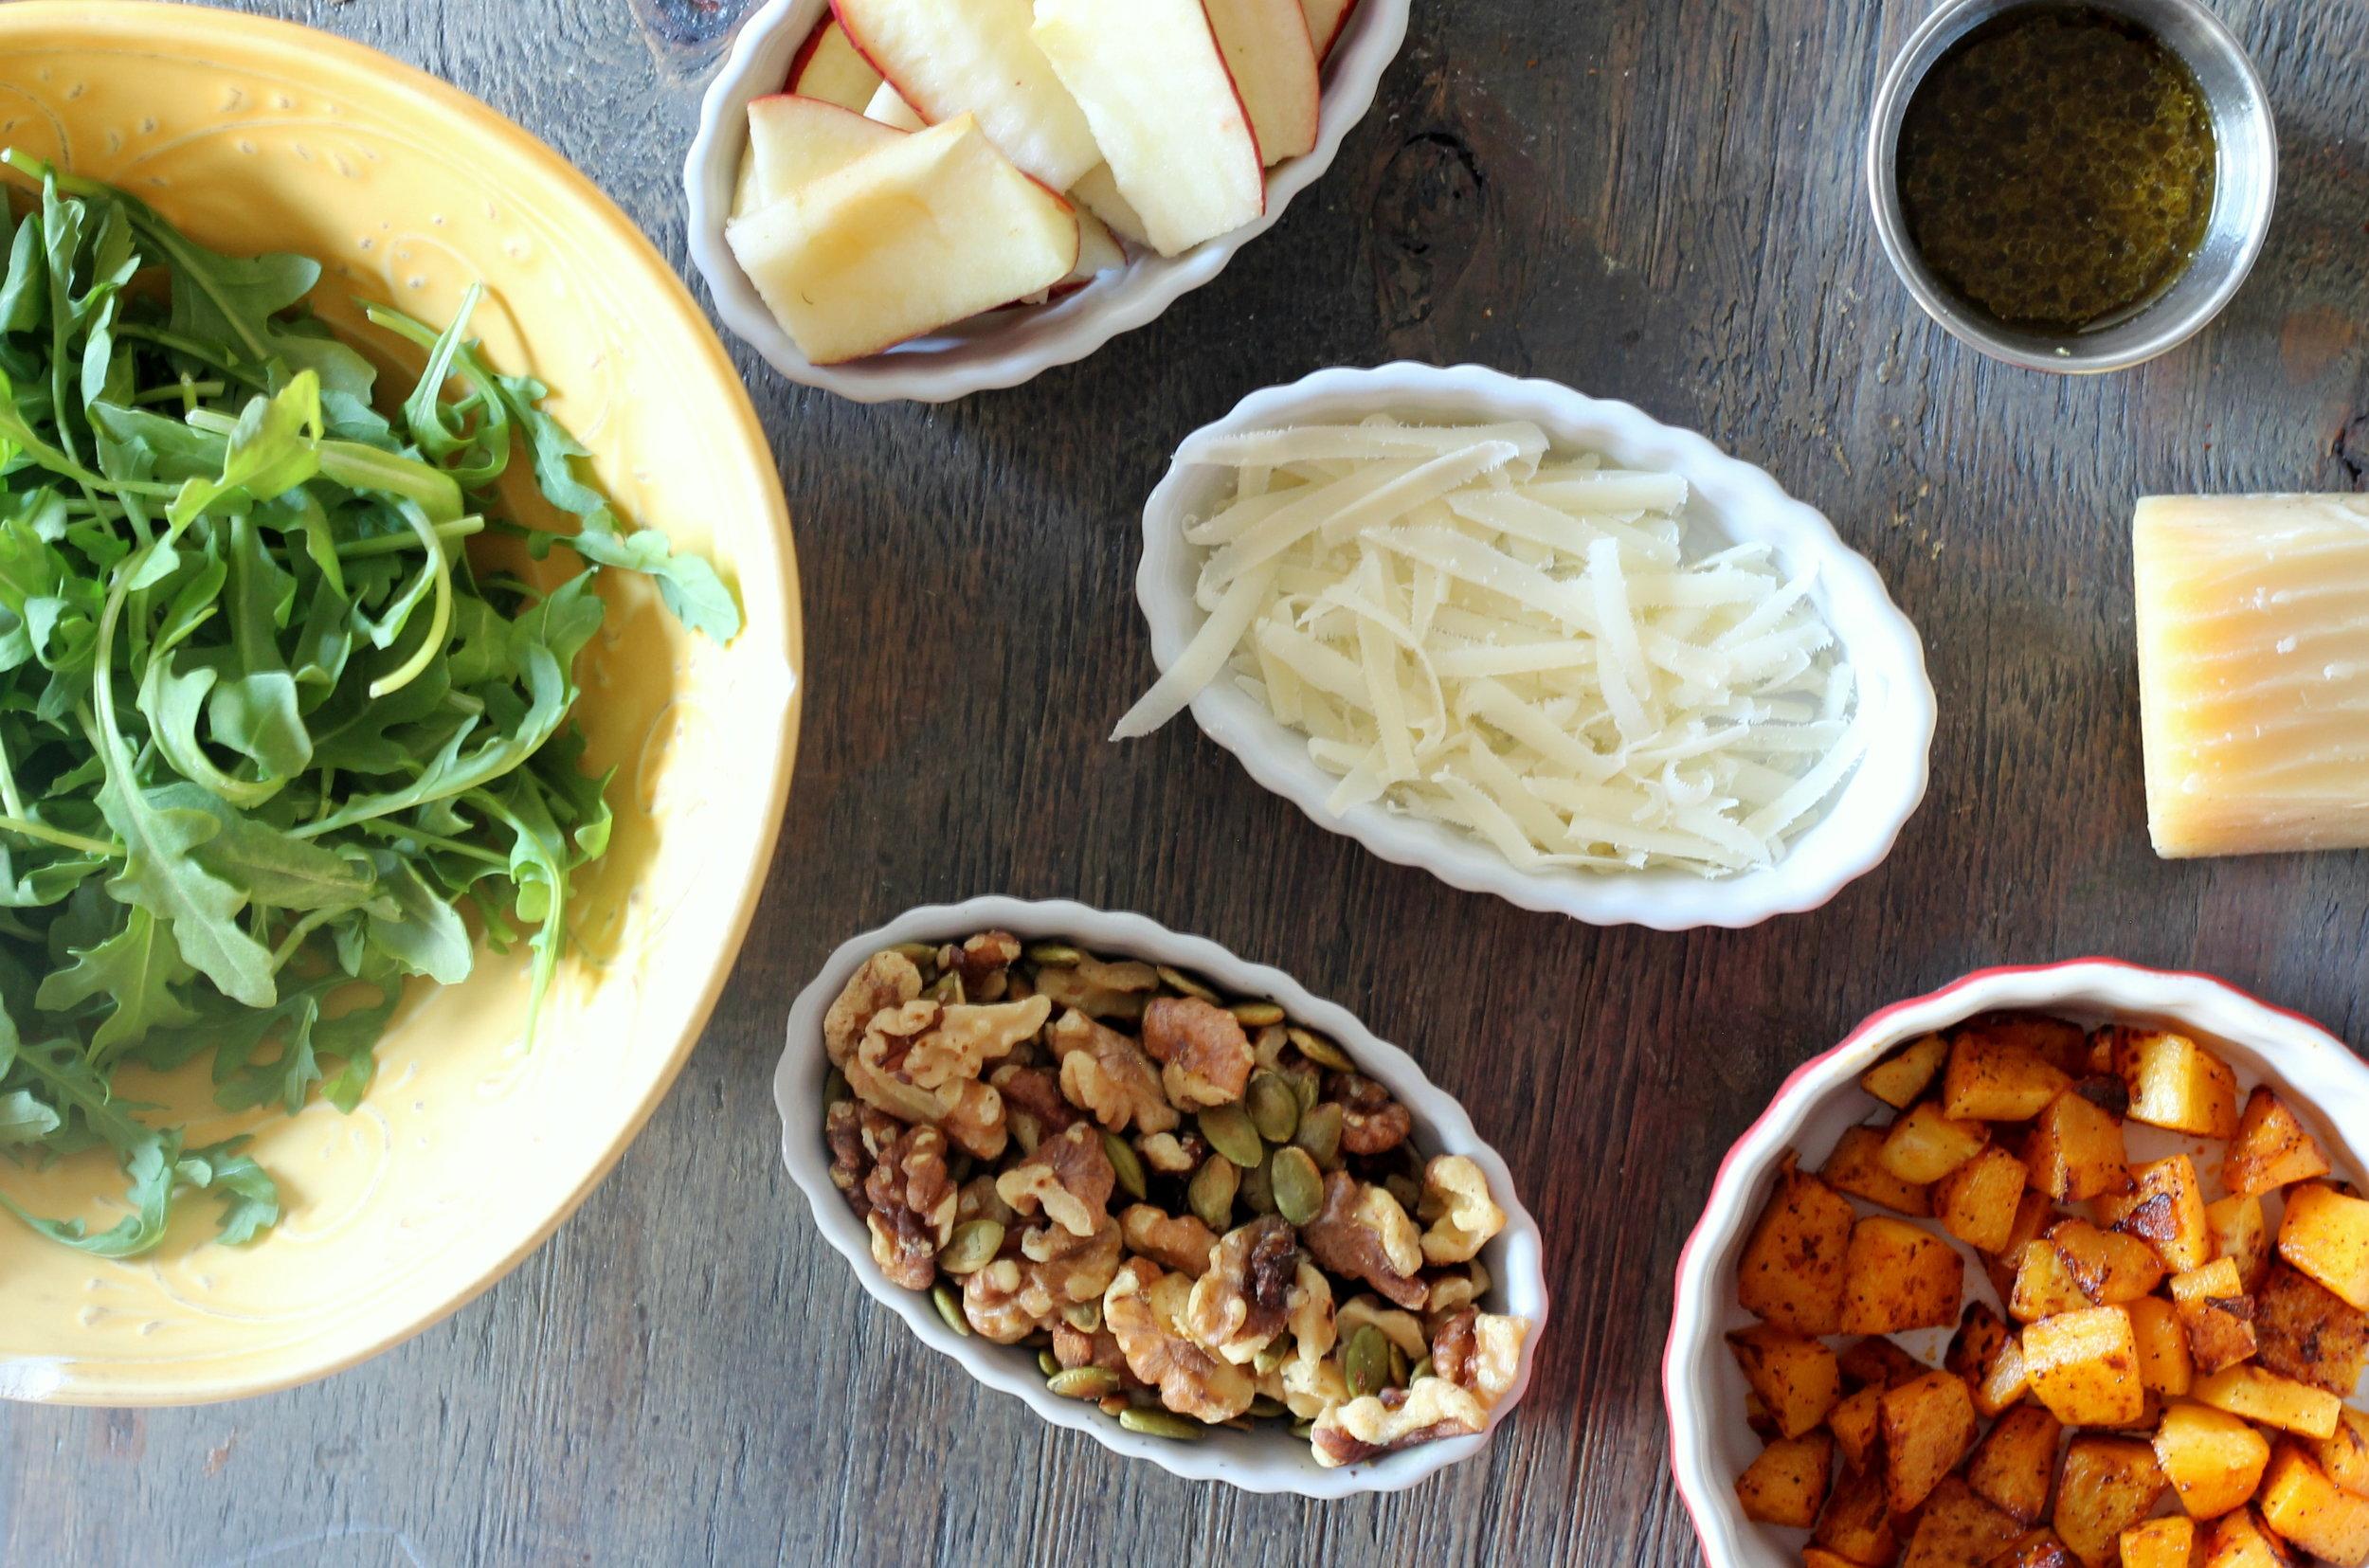 Butternut Squash, Apples, and Walnuts